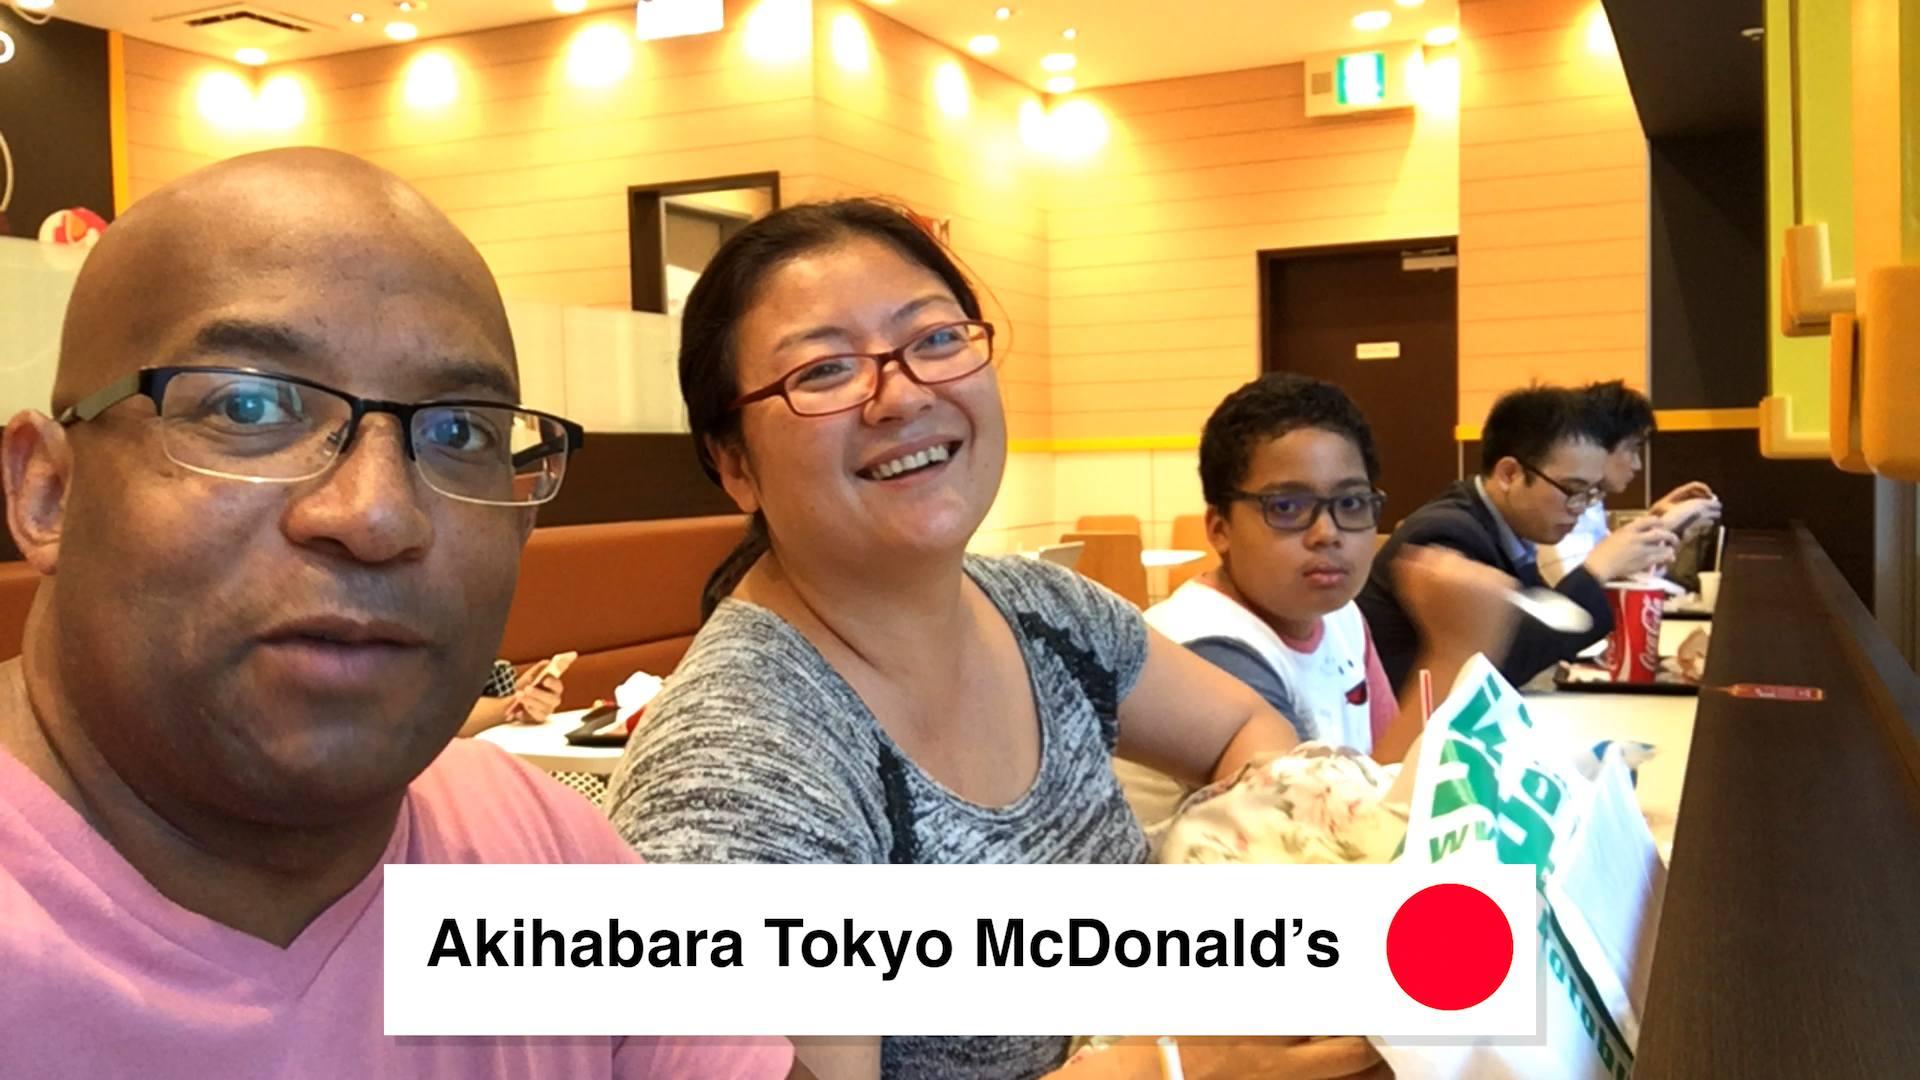 Akihabara Tokyo McDonalds - Walking Around Akihabara Tokyo What To Do 2018 - Loot Anime Discount Code 2018 🇯🇵 🏙 📦